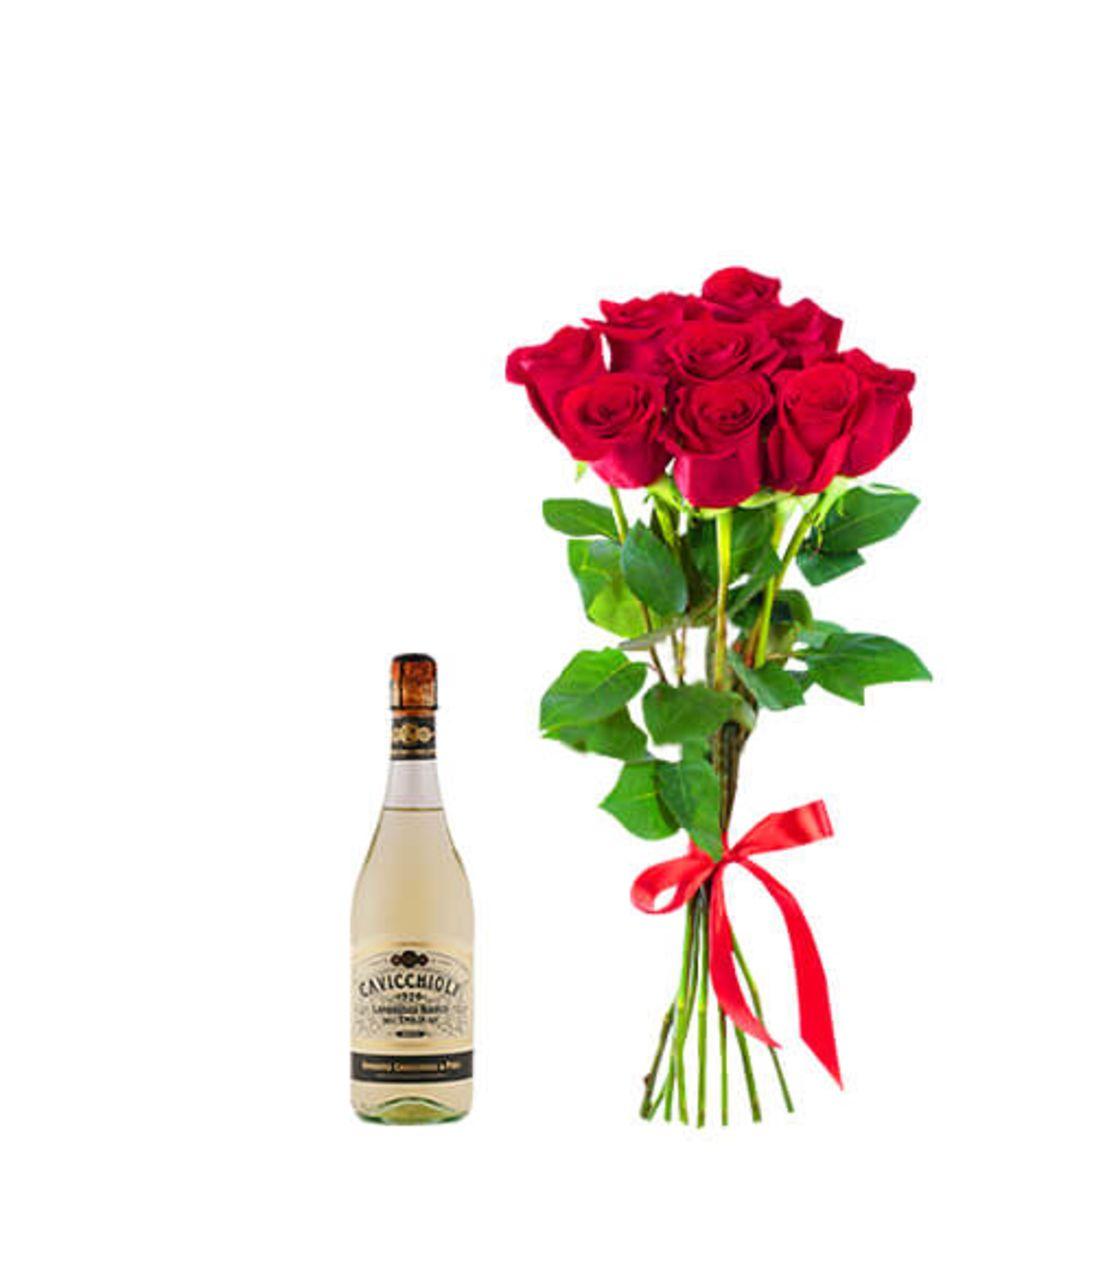 """Букет бархатных роз и шампанское """"For Love"""". Superflowers.com.ua. Заказать букет роз с шампанским"""